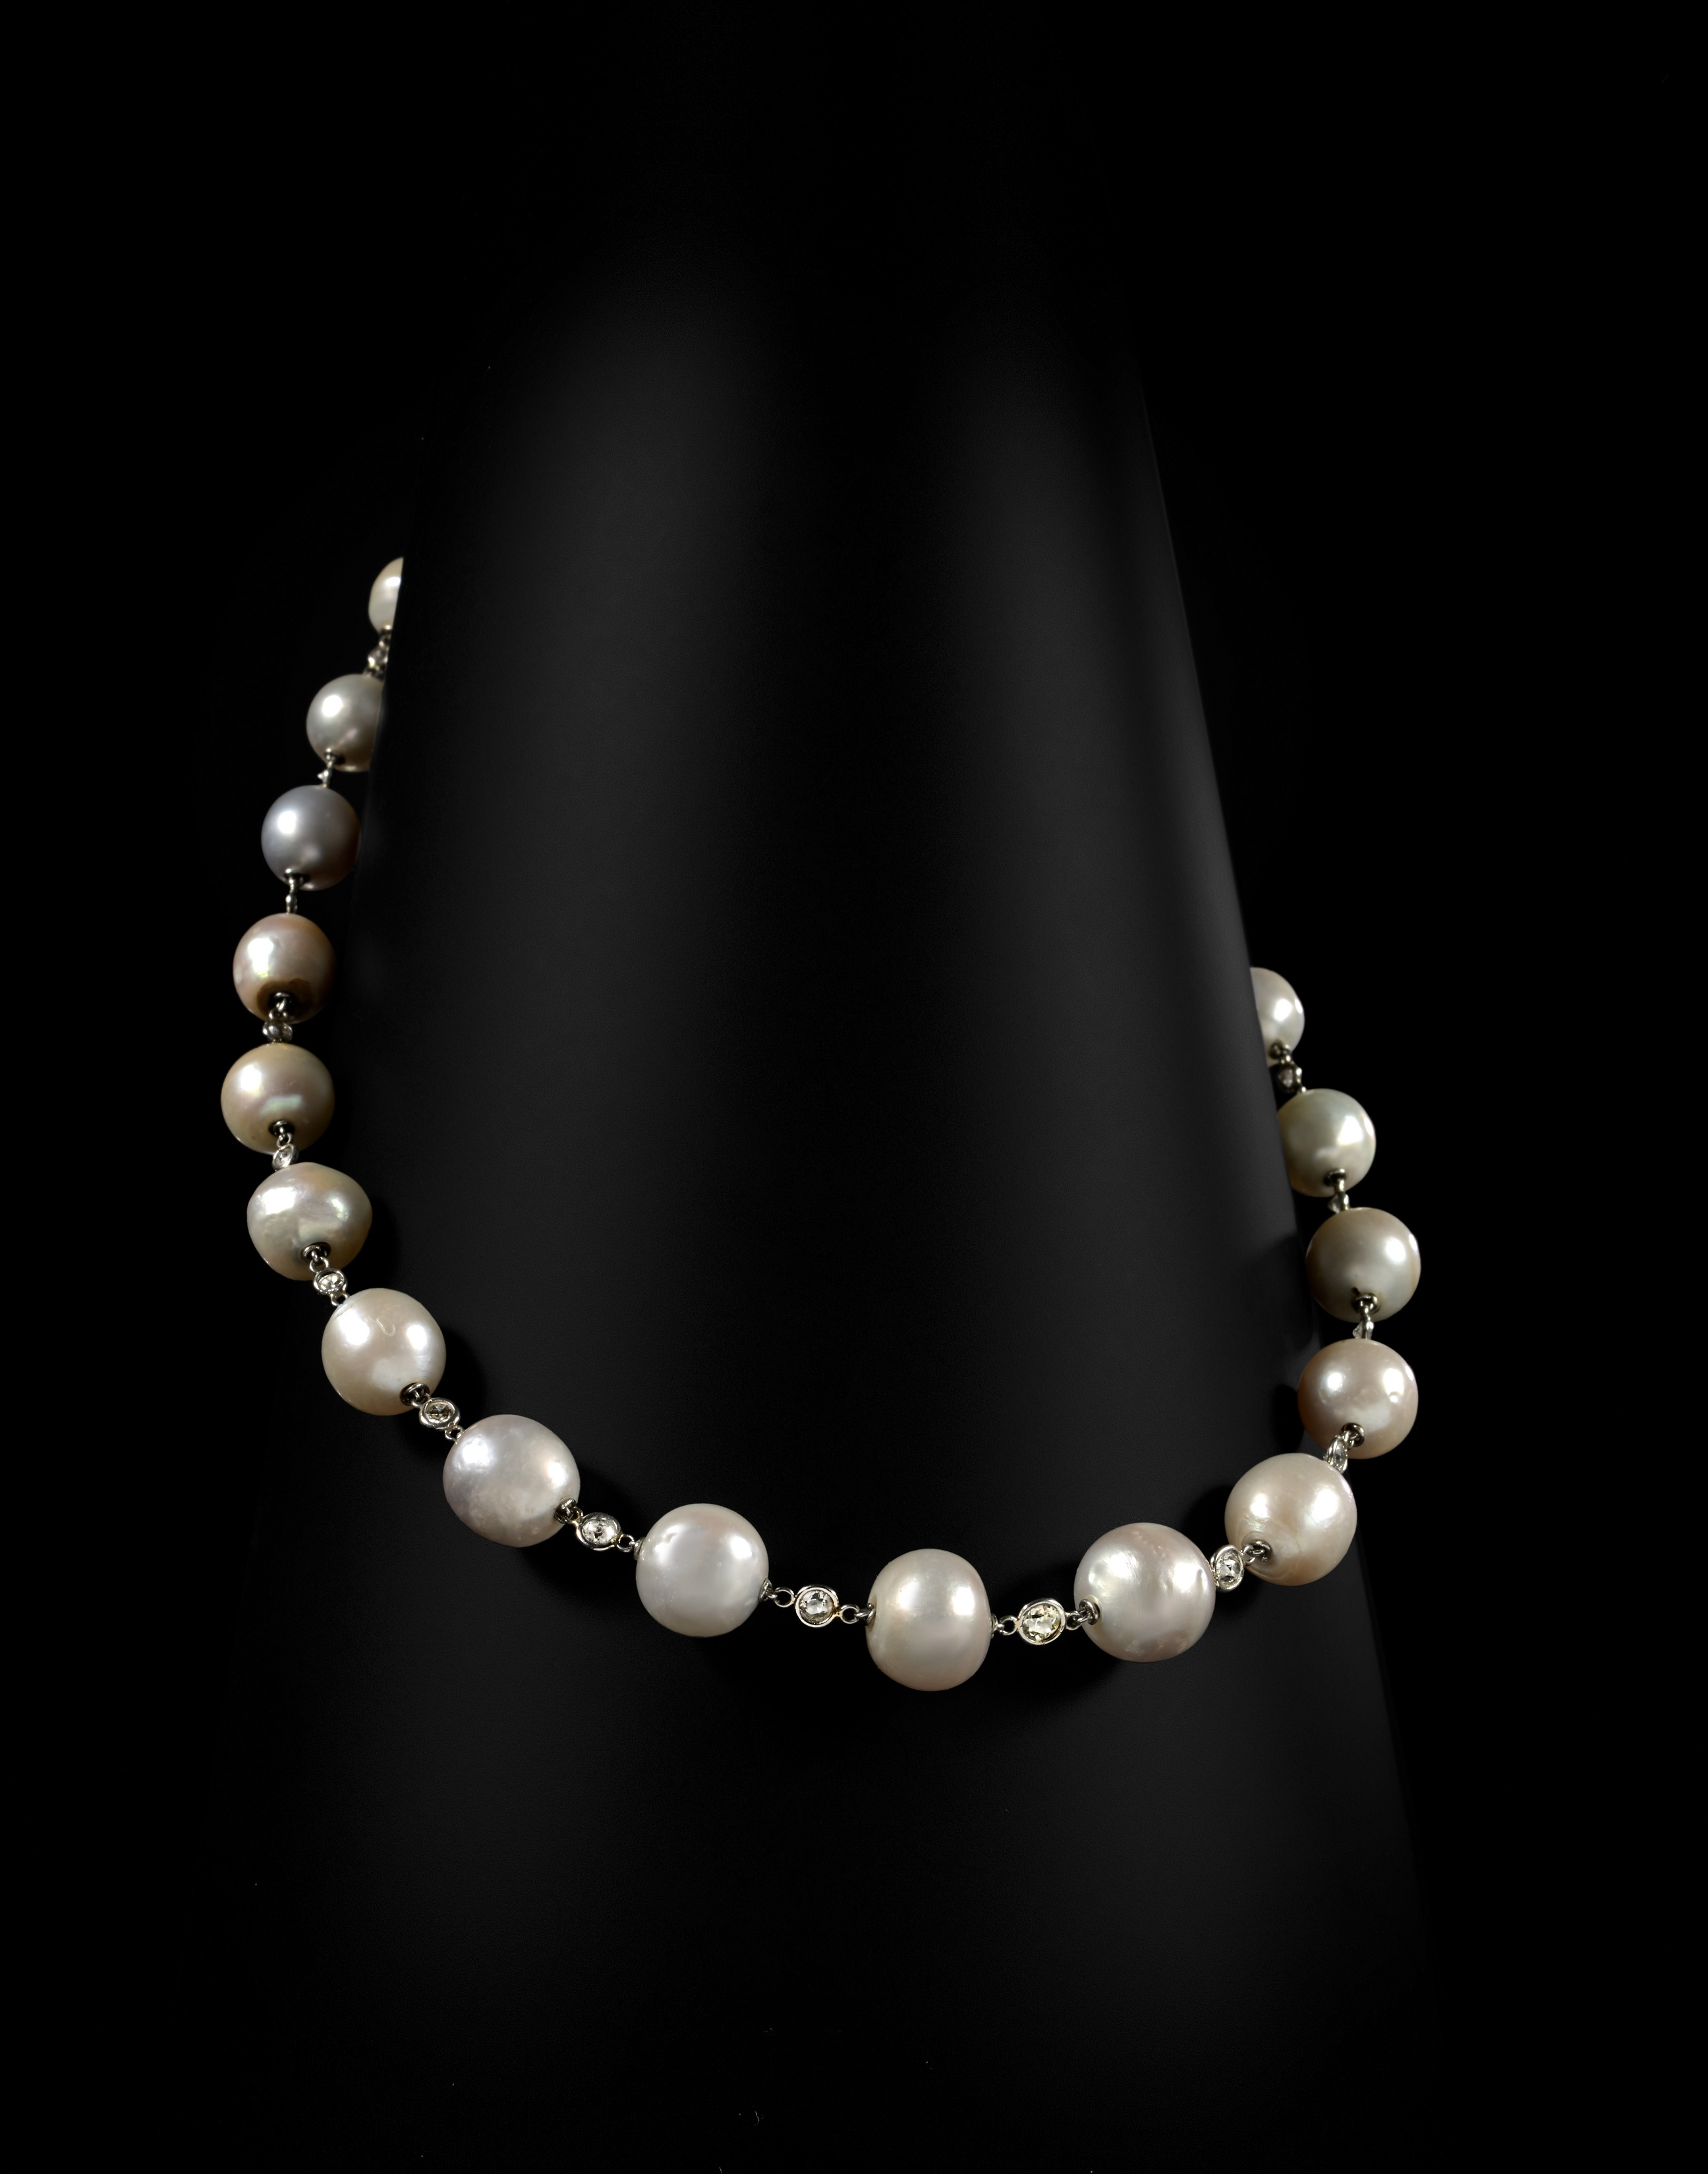 Collier de perles fines de Jeanne Lanvin Vente AGUTTES 19 octobre 2016.jpg